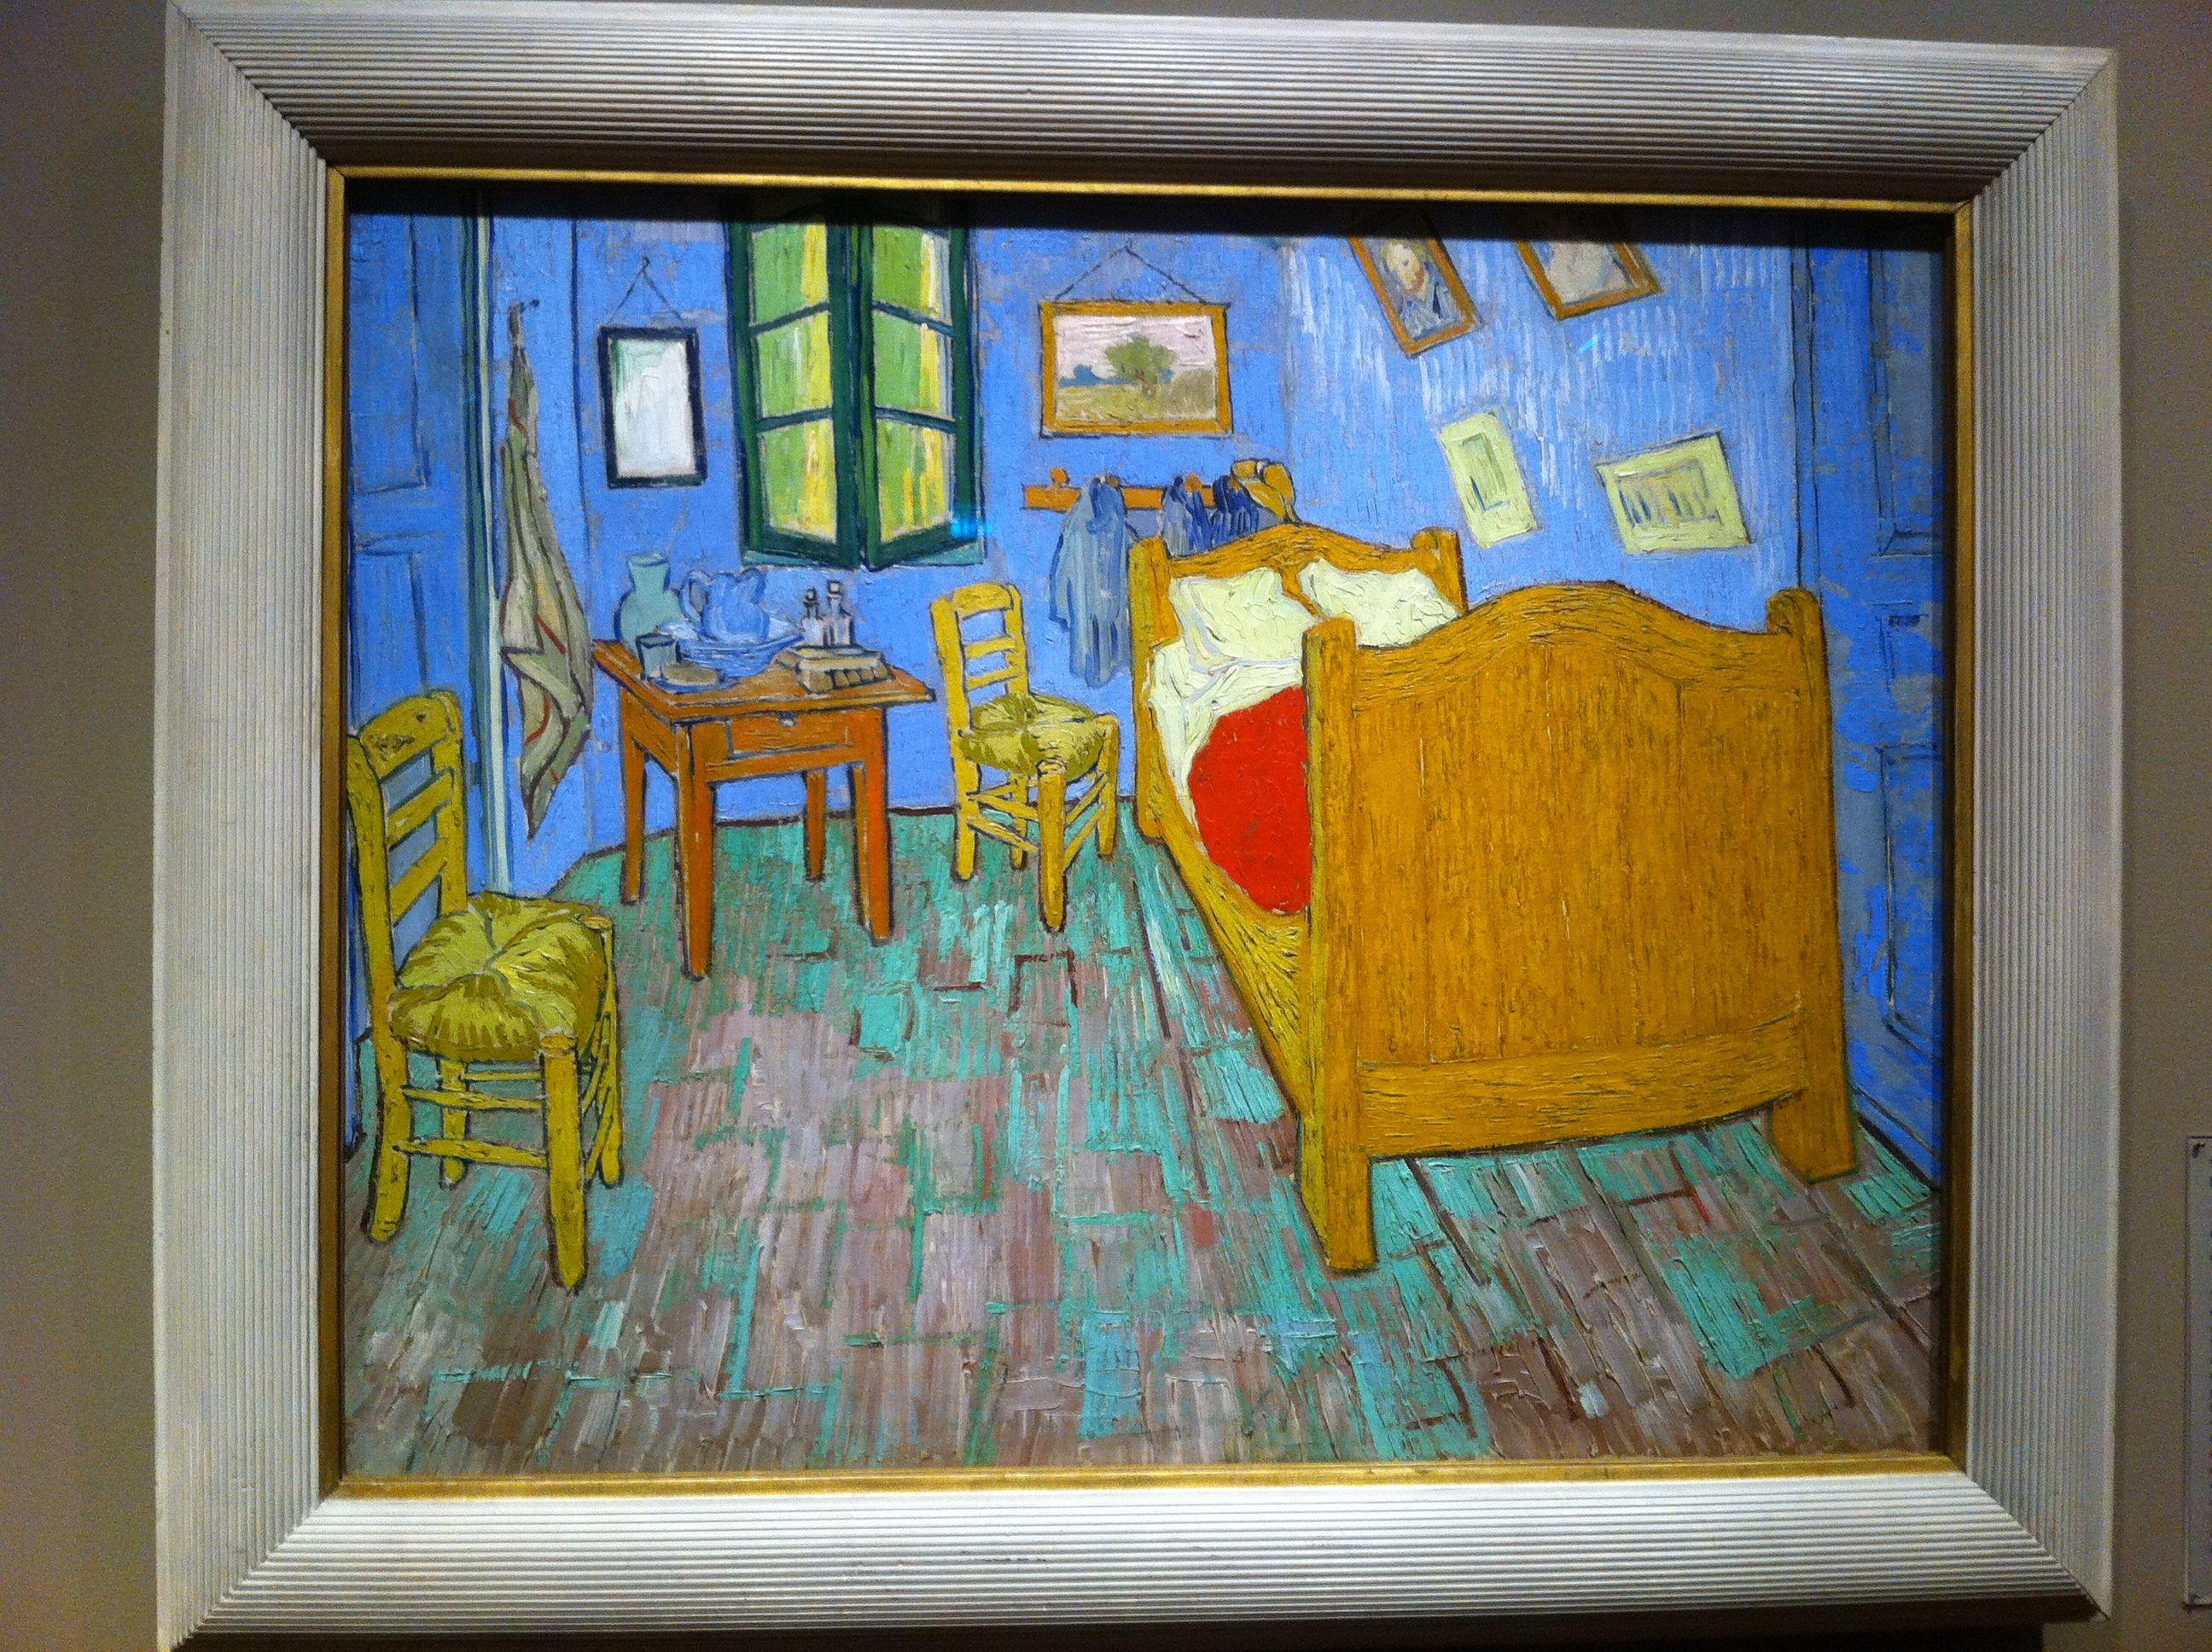 The Bedroom Van Gogh (AIC) Van gogh, Vincent van gogh